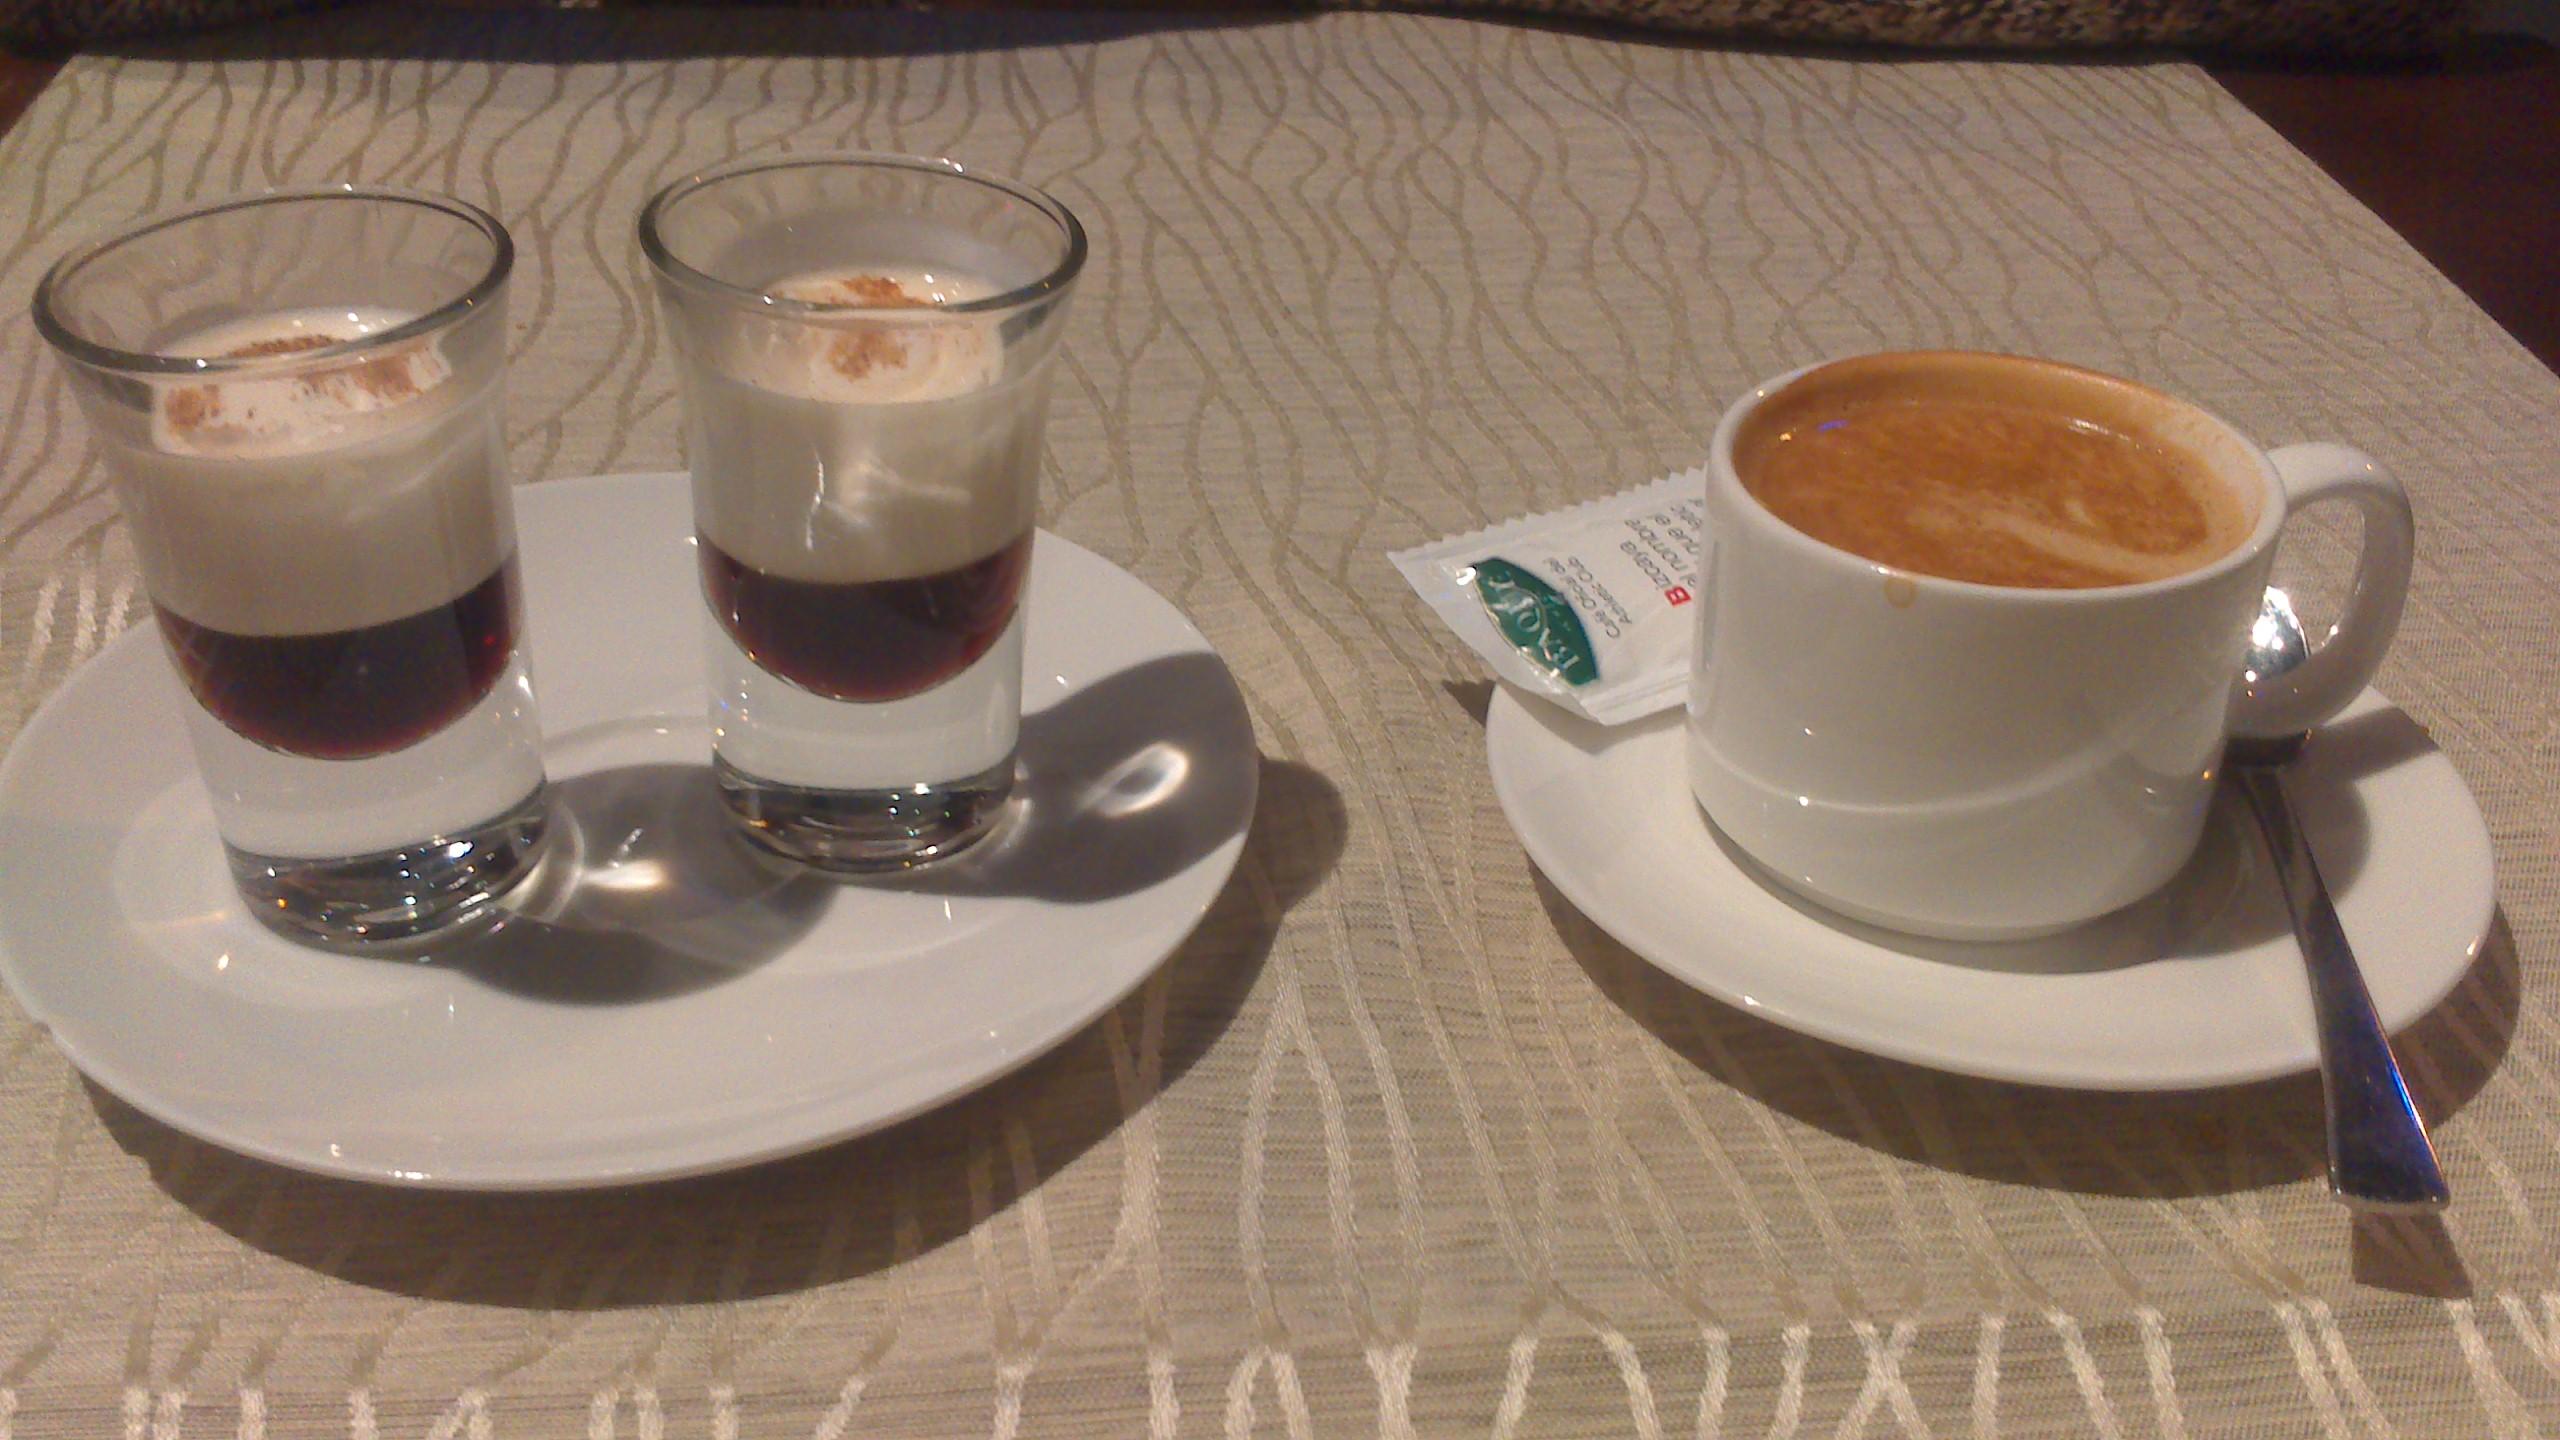 Restaurante Asia di Roma Chupitos de licor de café